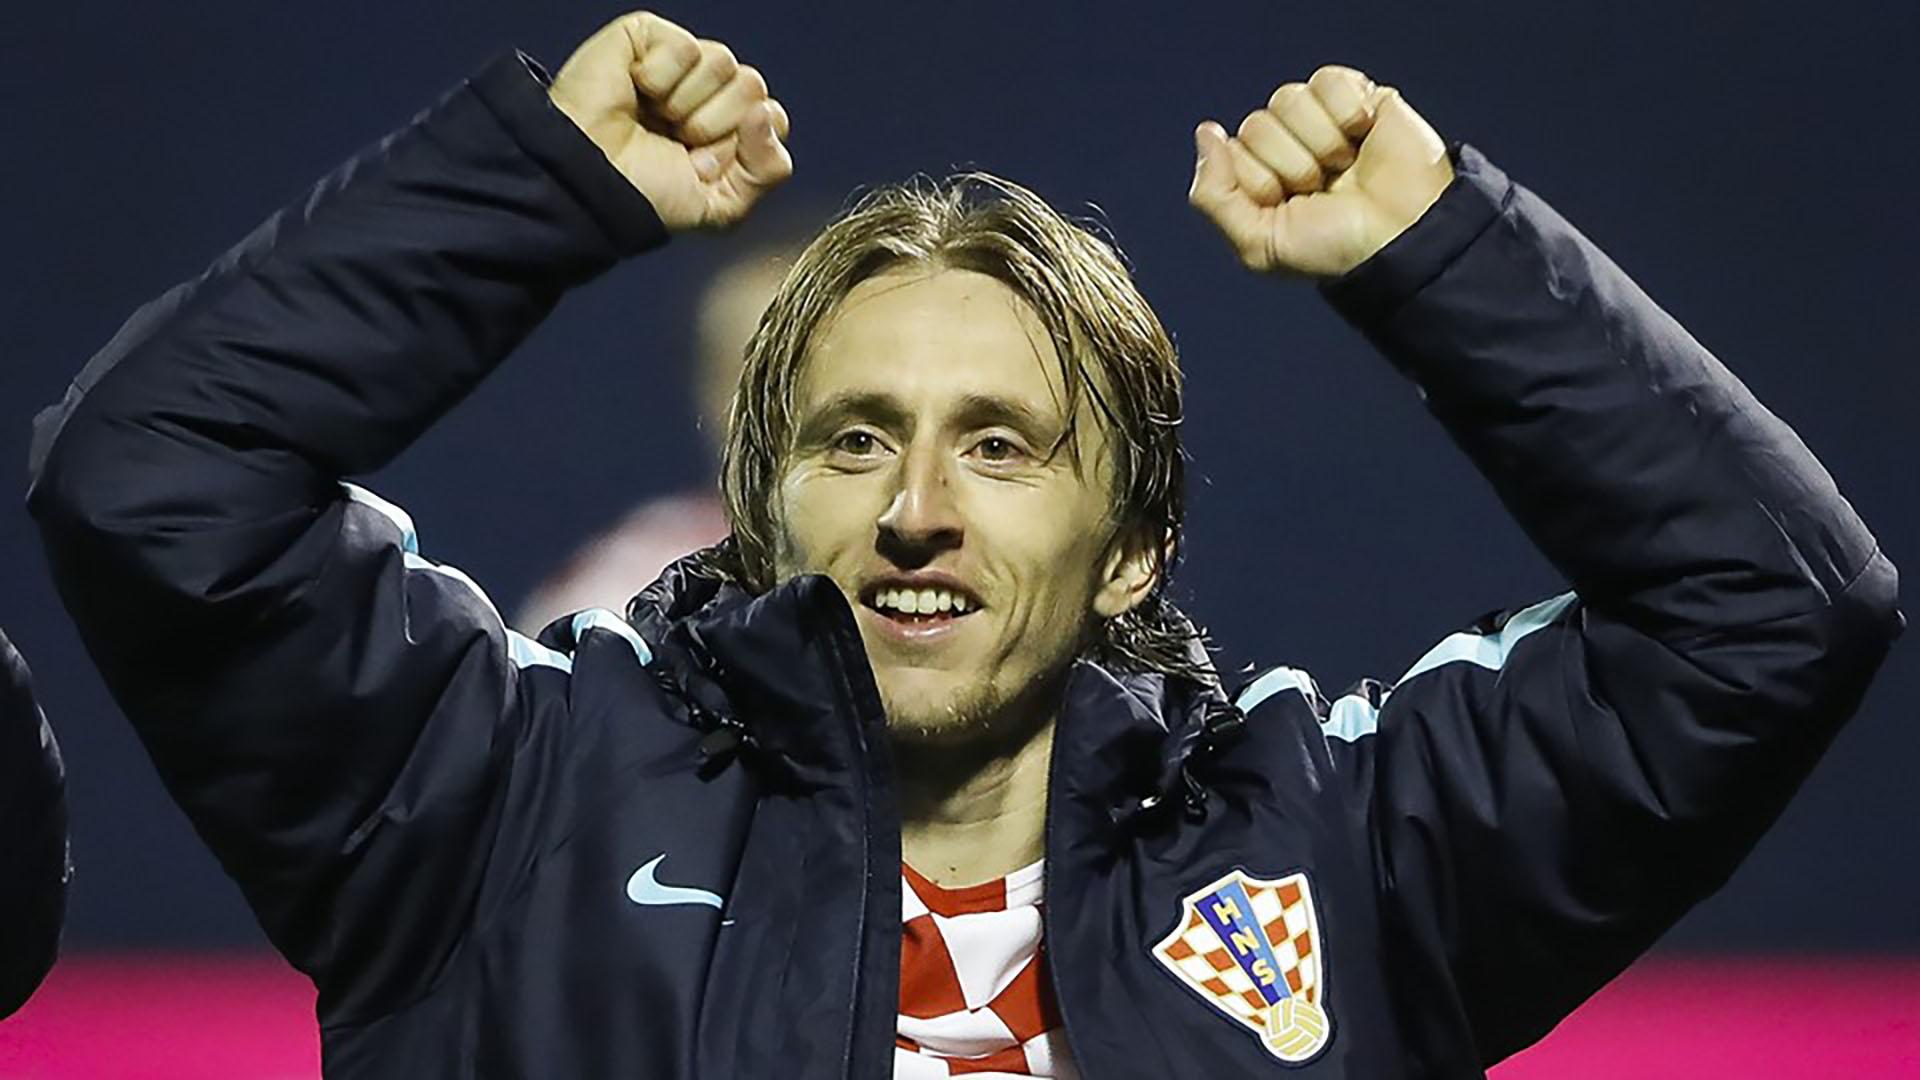 El futbolista croata Luka Modric pagó un millón de euros a la Hacienda española para no ir a la cárcel